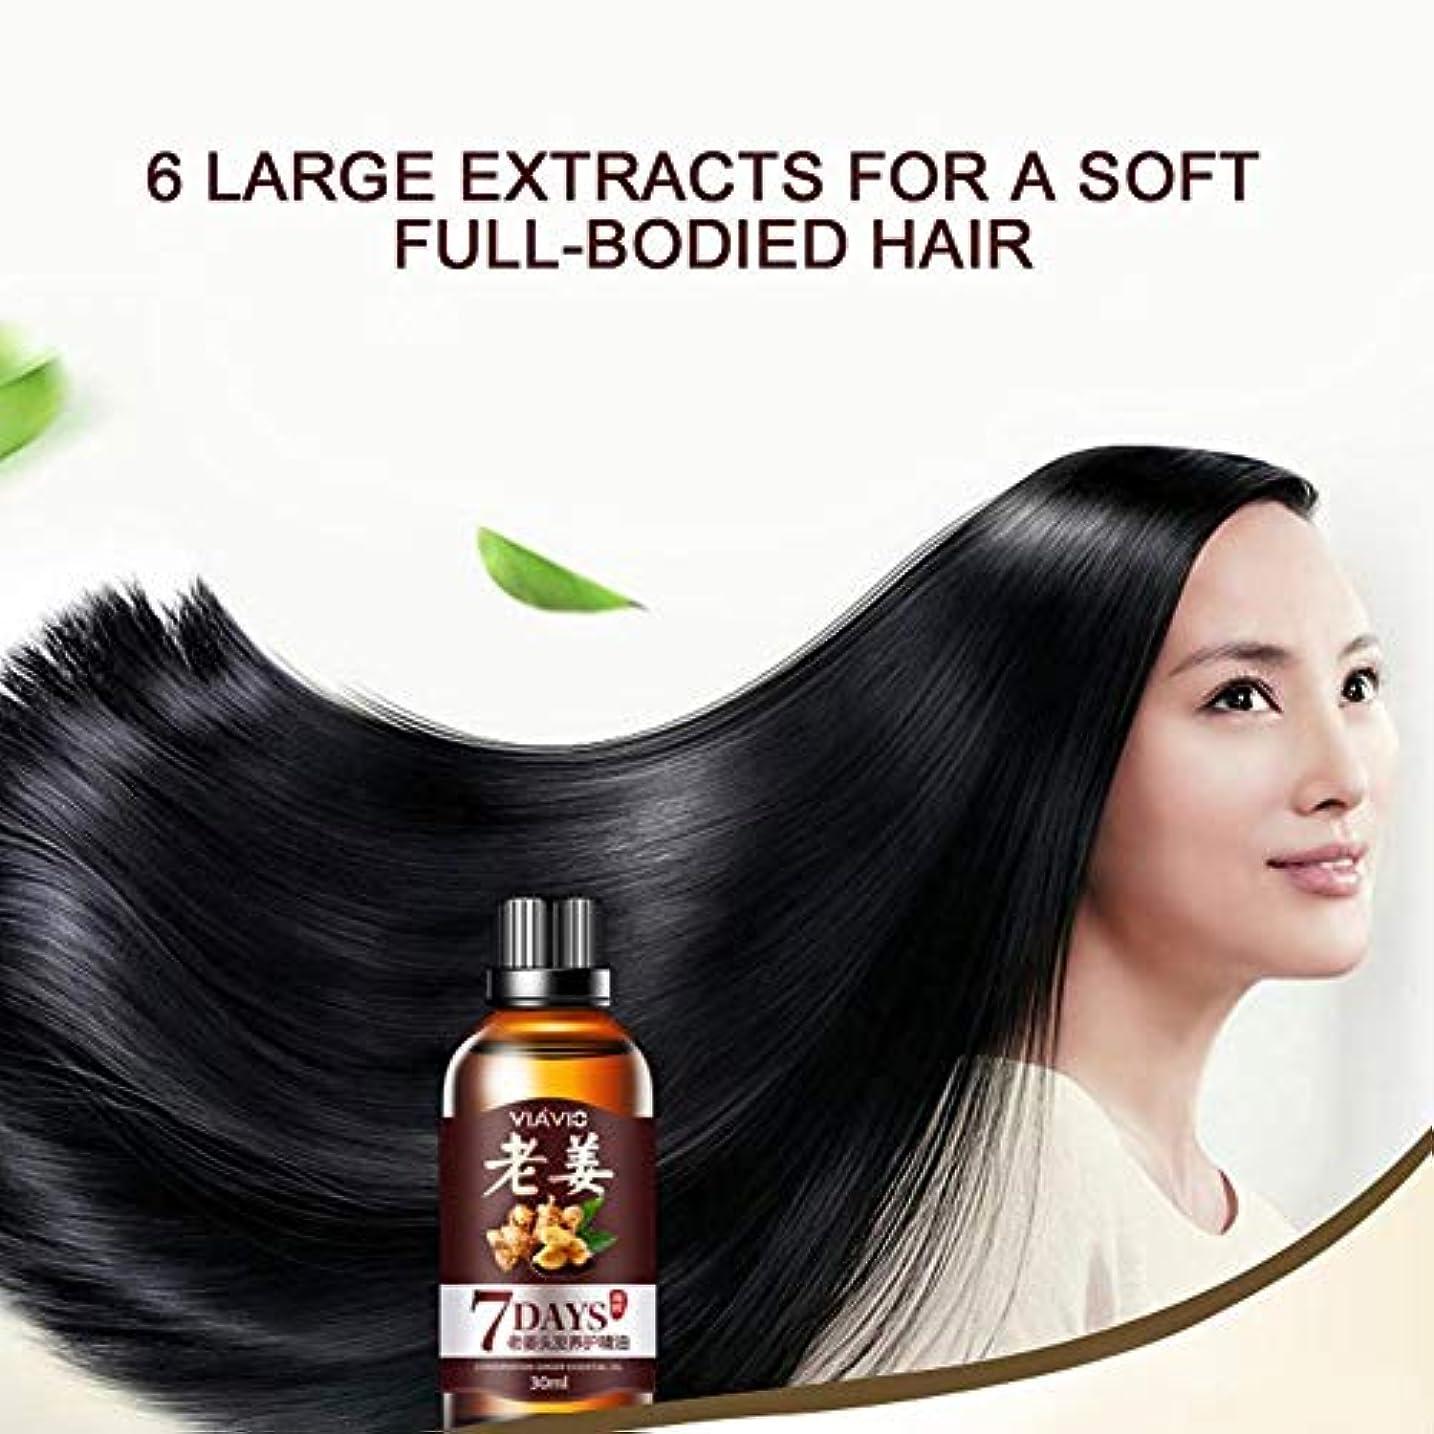 理論偏心精算BETTER YOU (ベター ュー) 育毛剤 抜け毛防止する 髪の量と密度を増やす